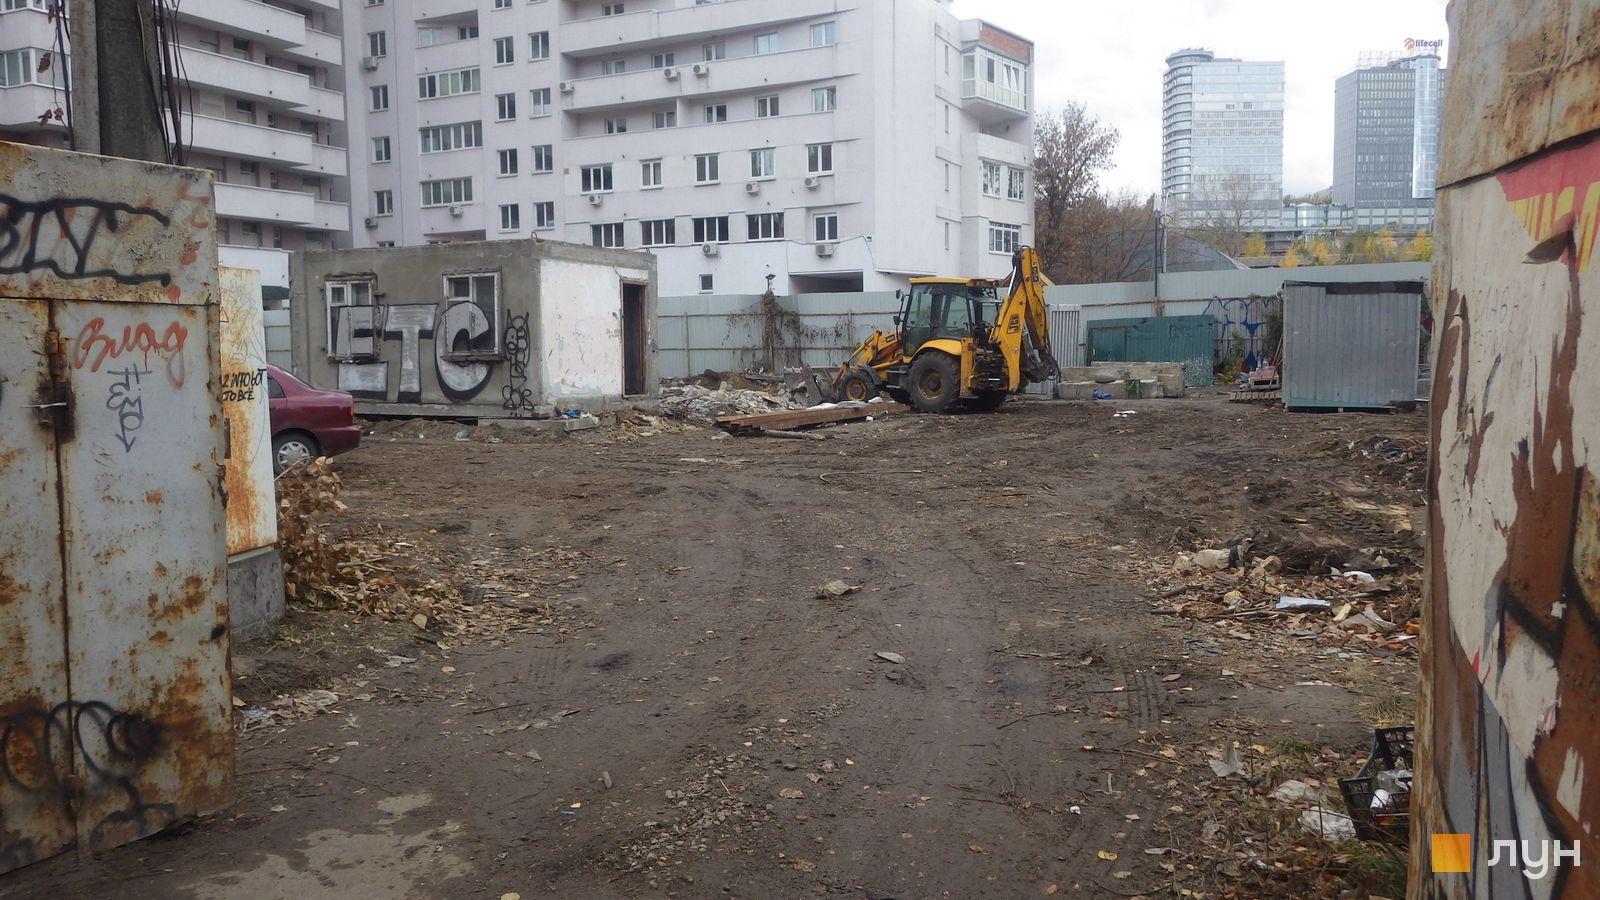 Ход строительства ул. Казимира Малевича, 44, 46, , октябрь 2018